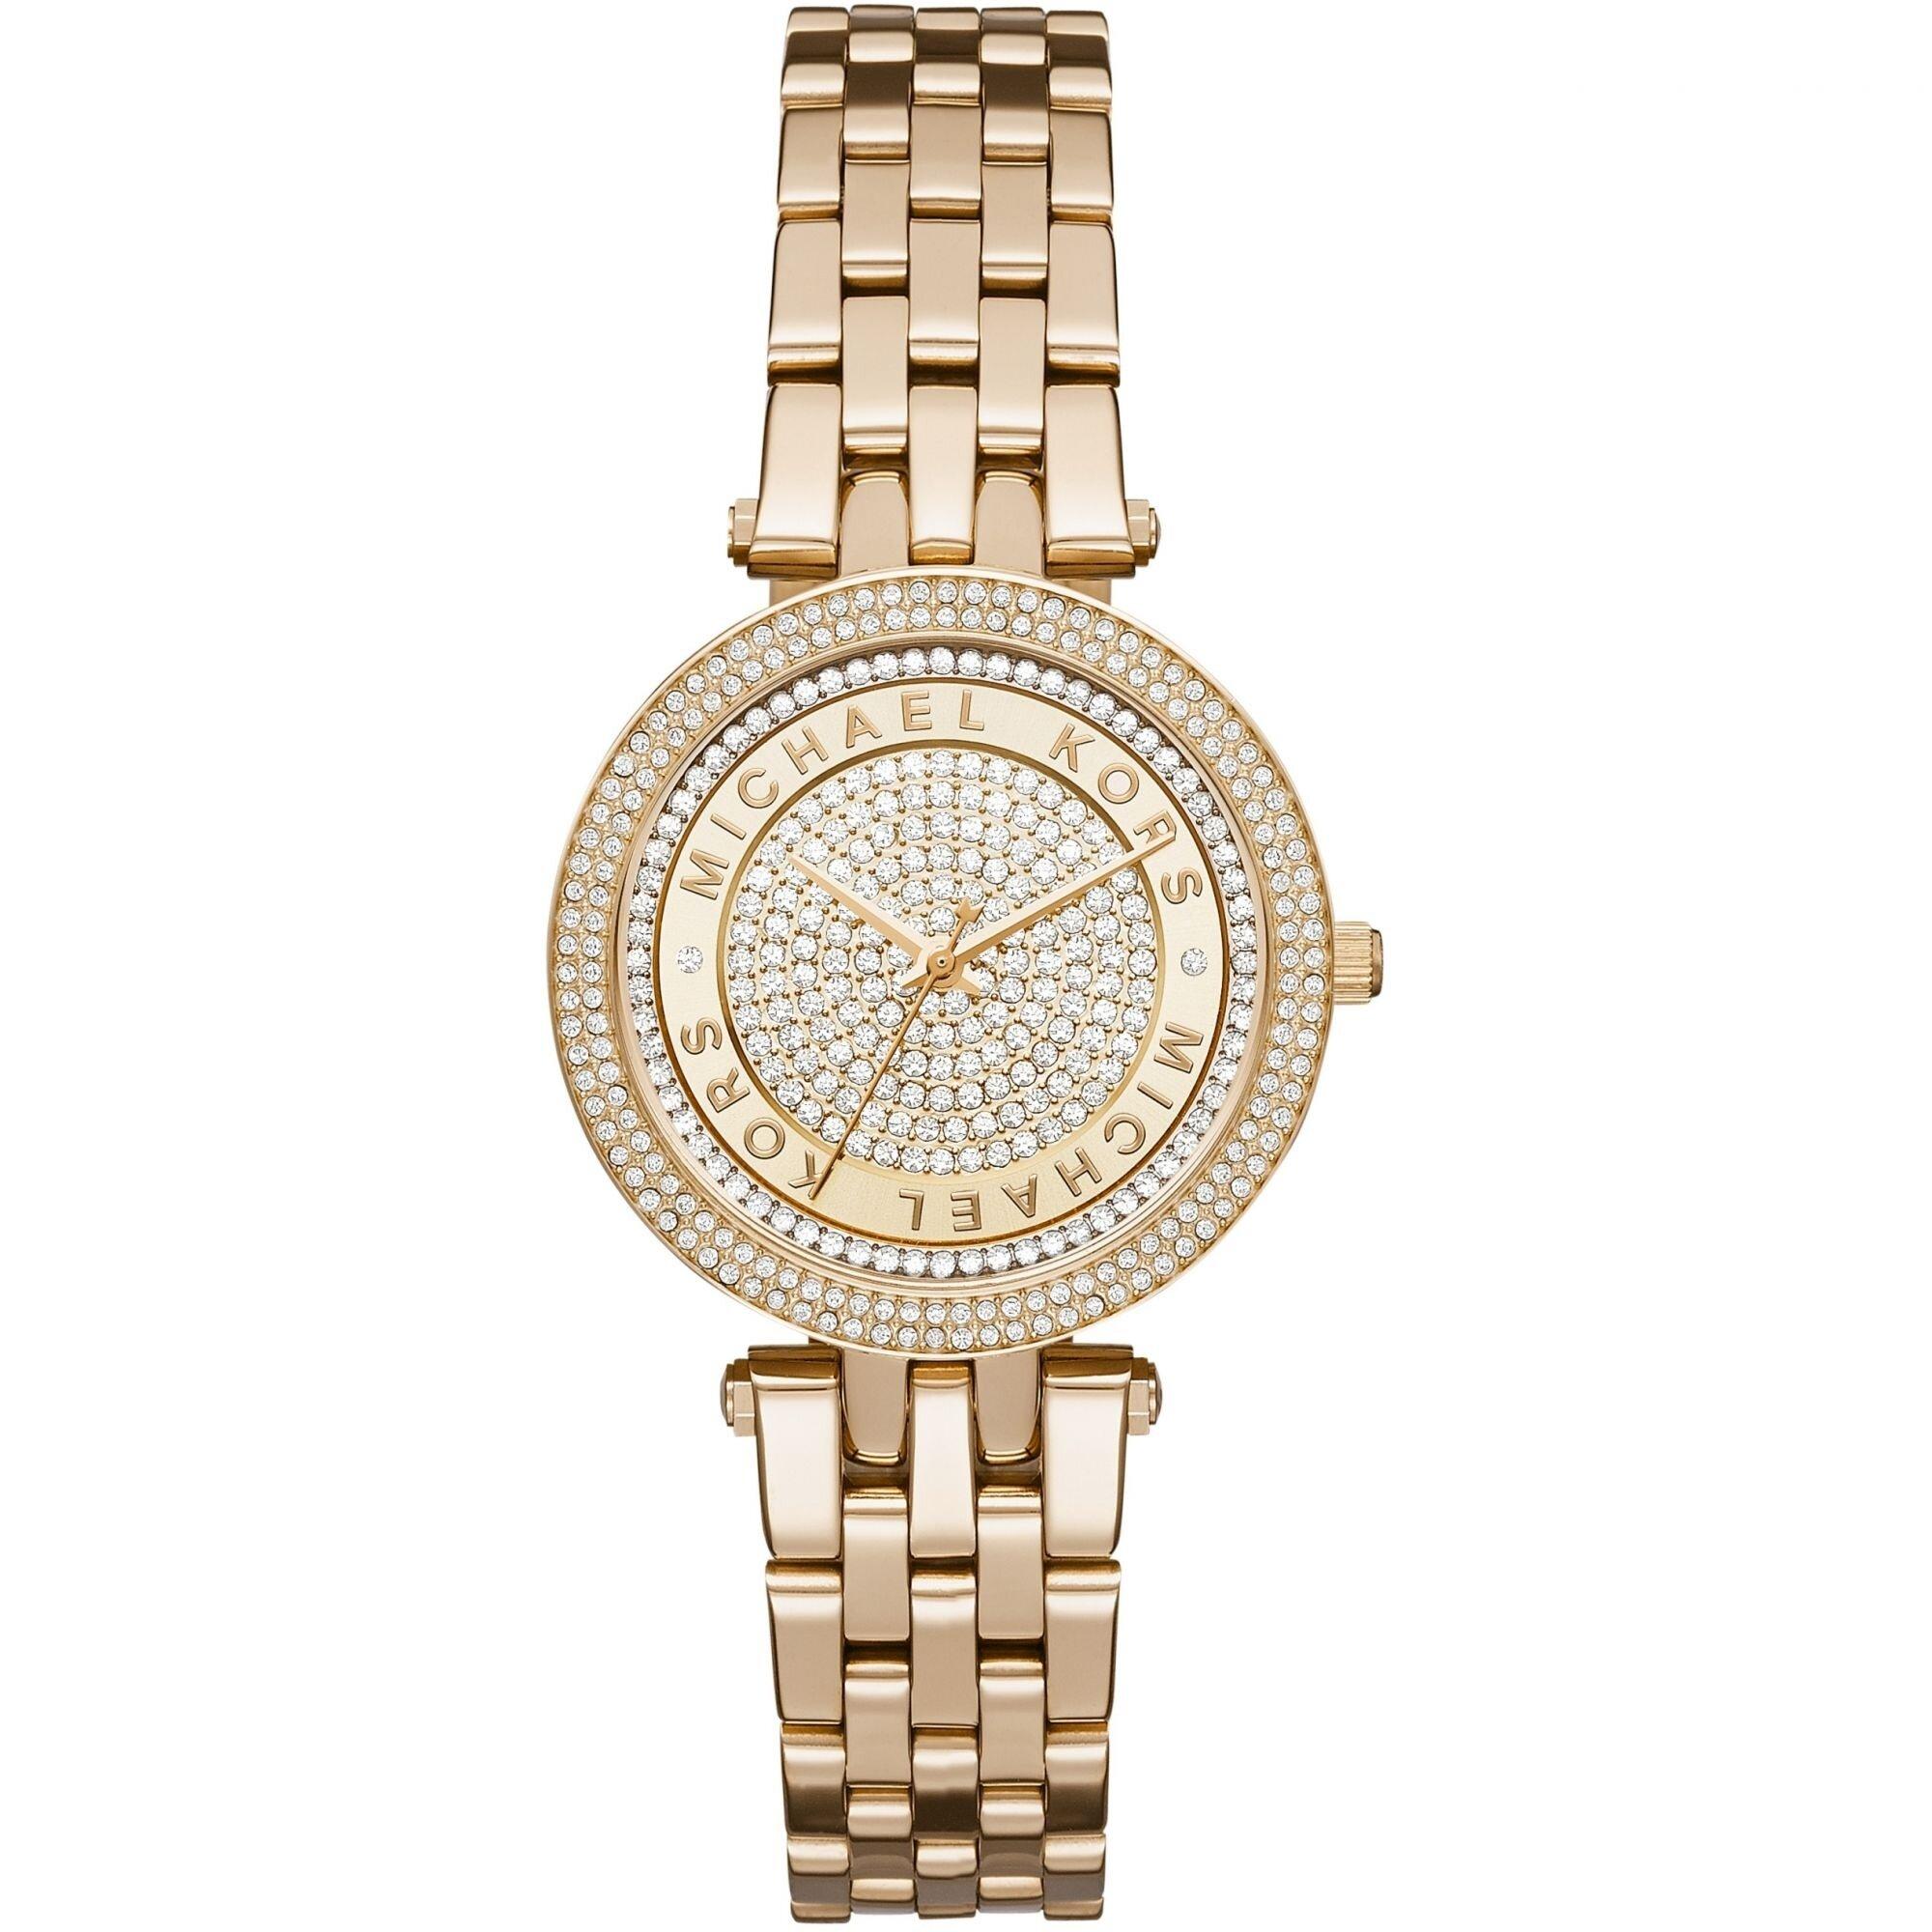 Đồng hồ nữ Michael Kors MK3445